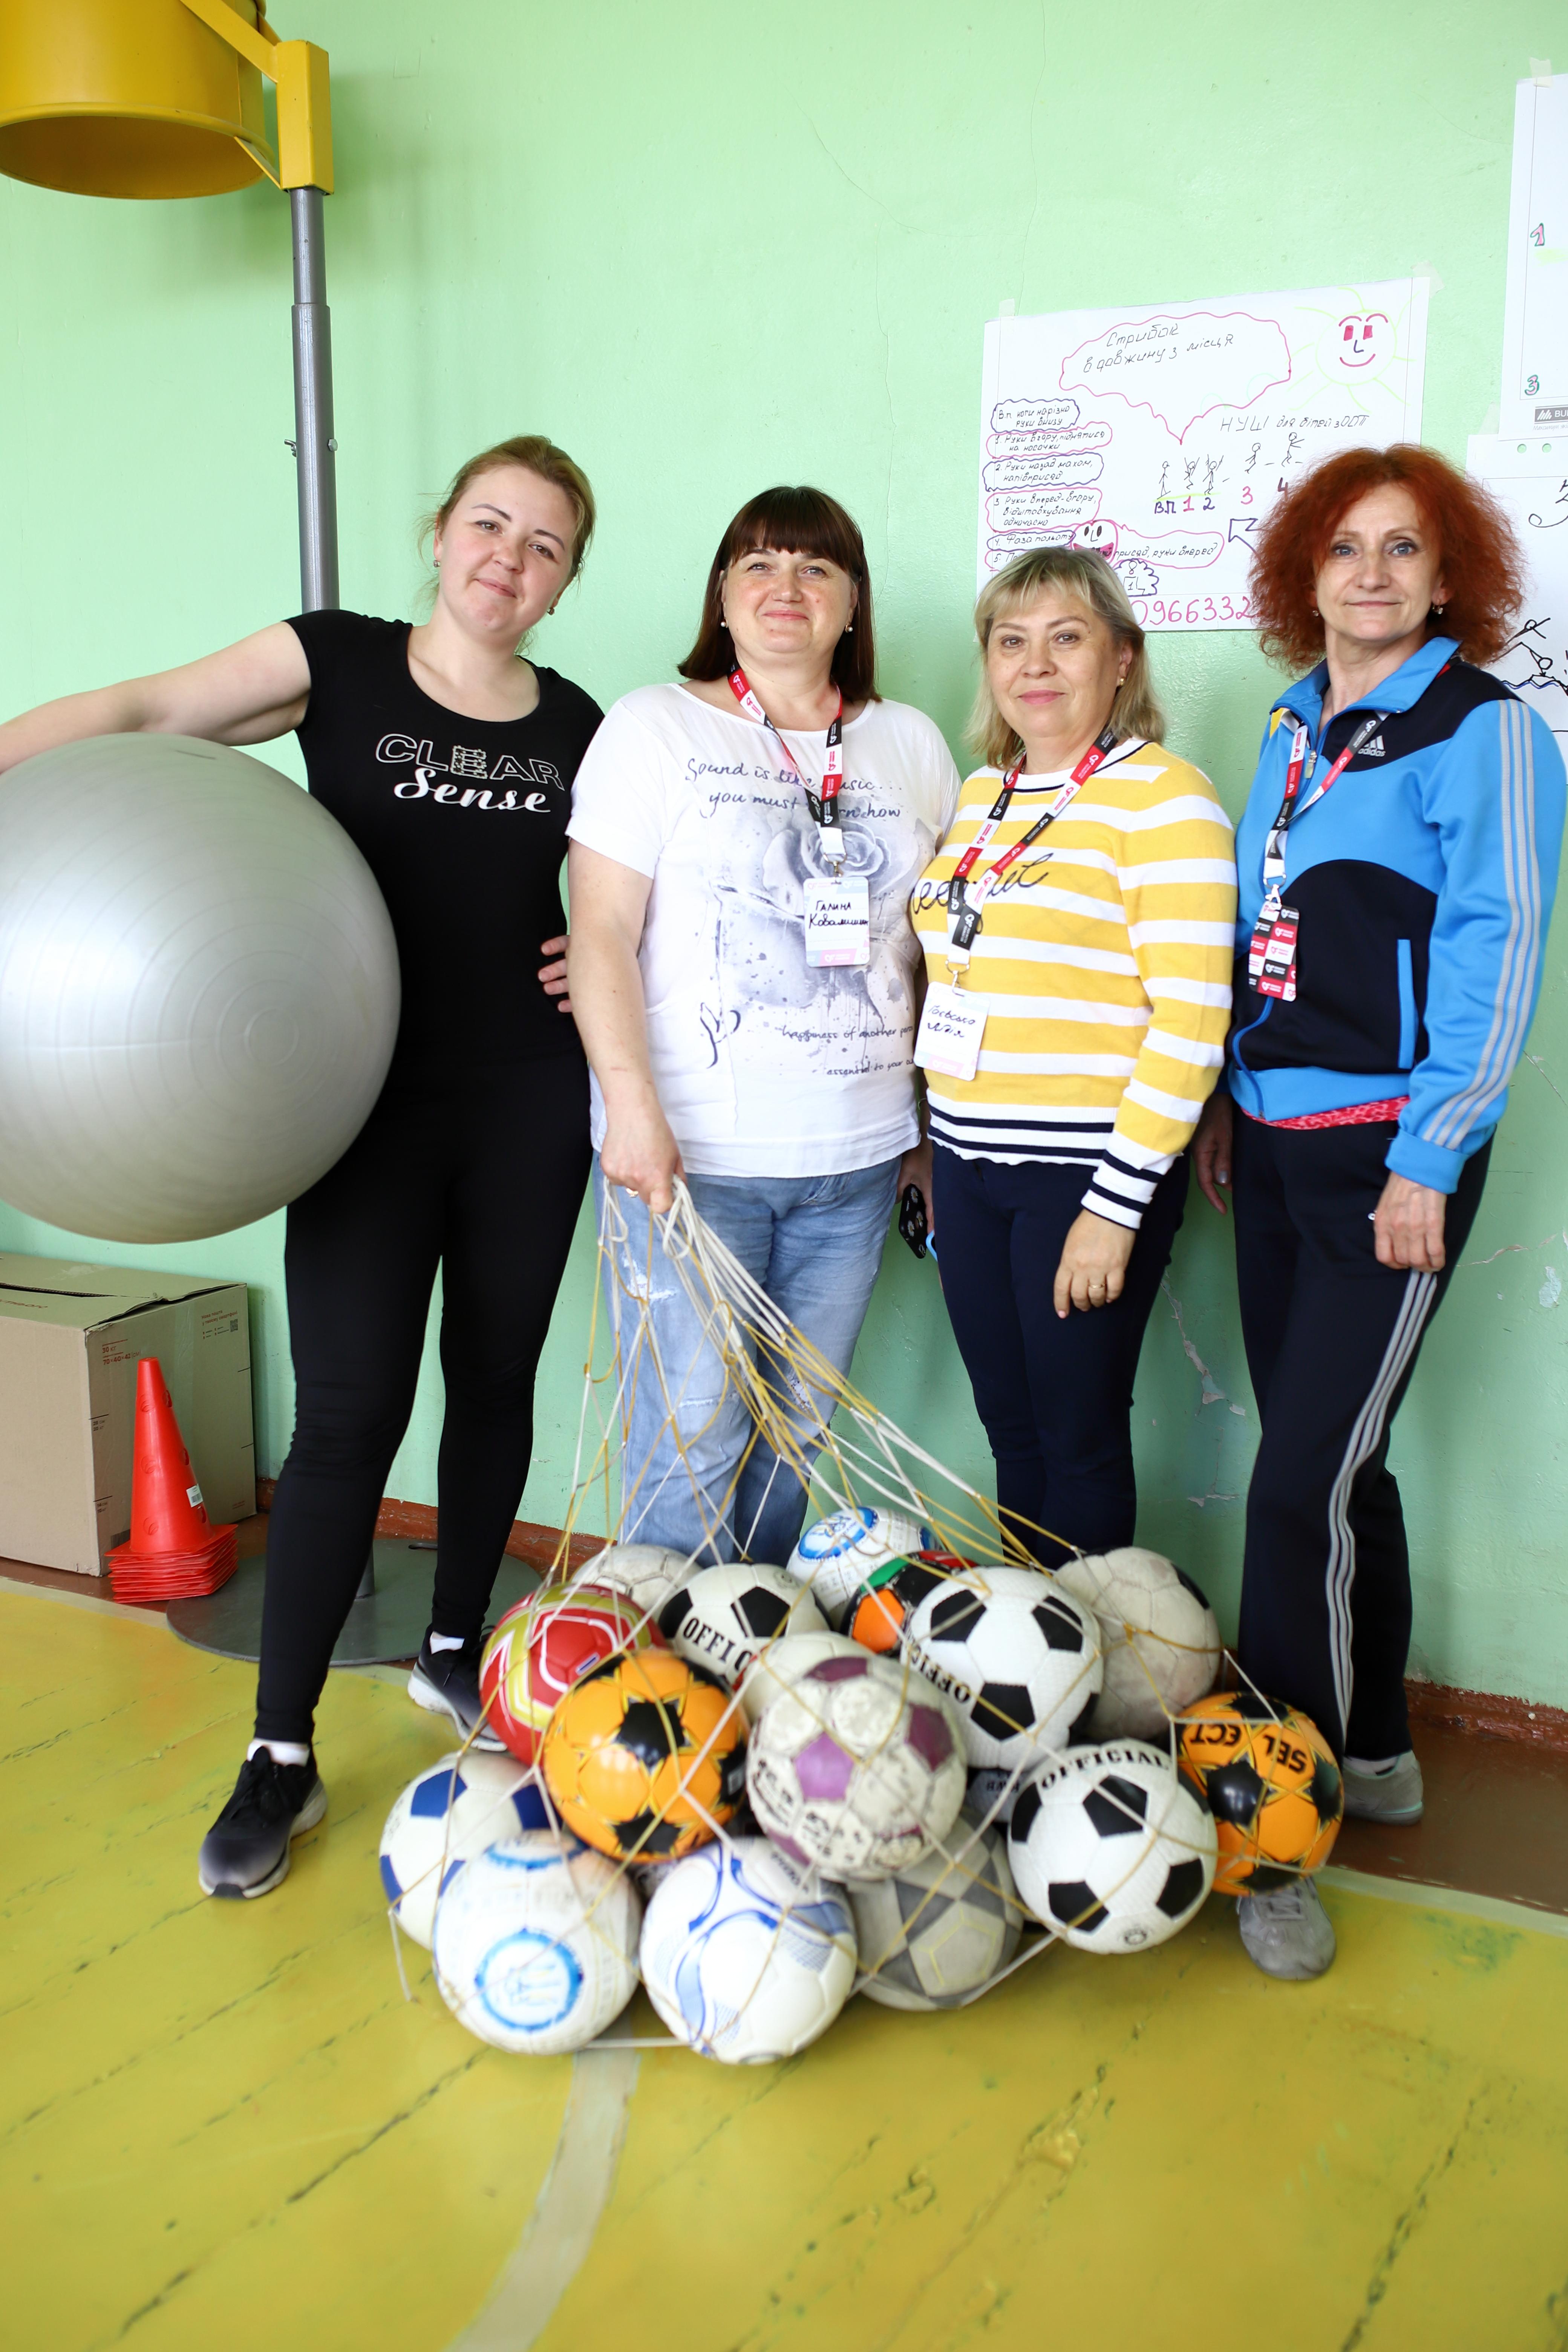 Инклюзия на уроках физкультуры: во Львове прошел тренинг для учителей на актуальную тему